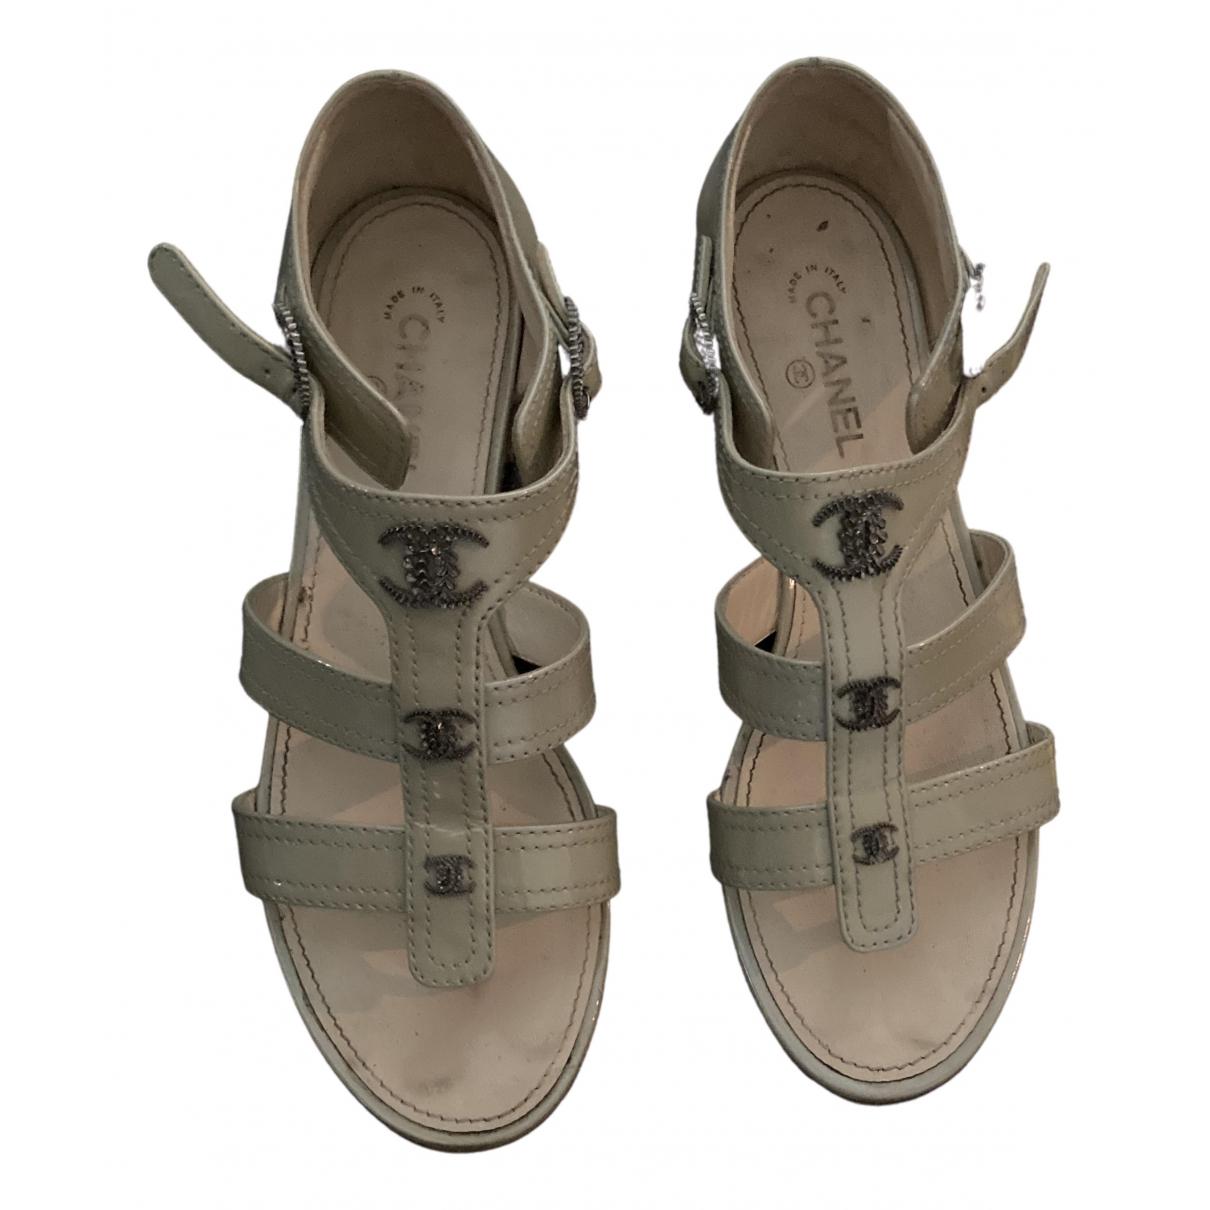 Chanel - Sandales   pour femme en cuir verni - blanc